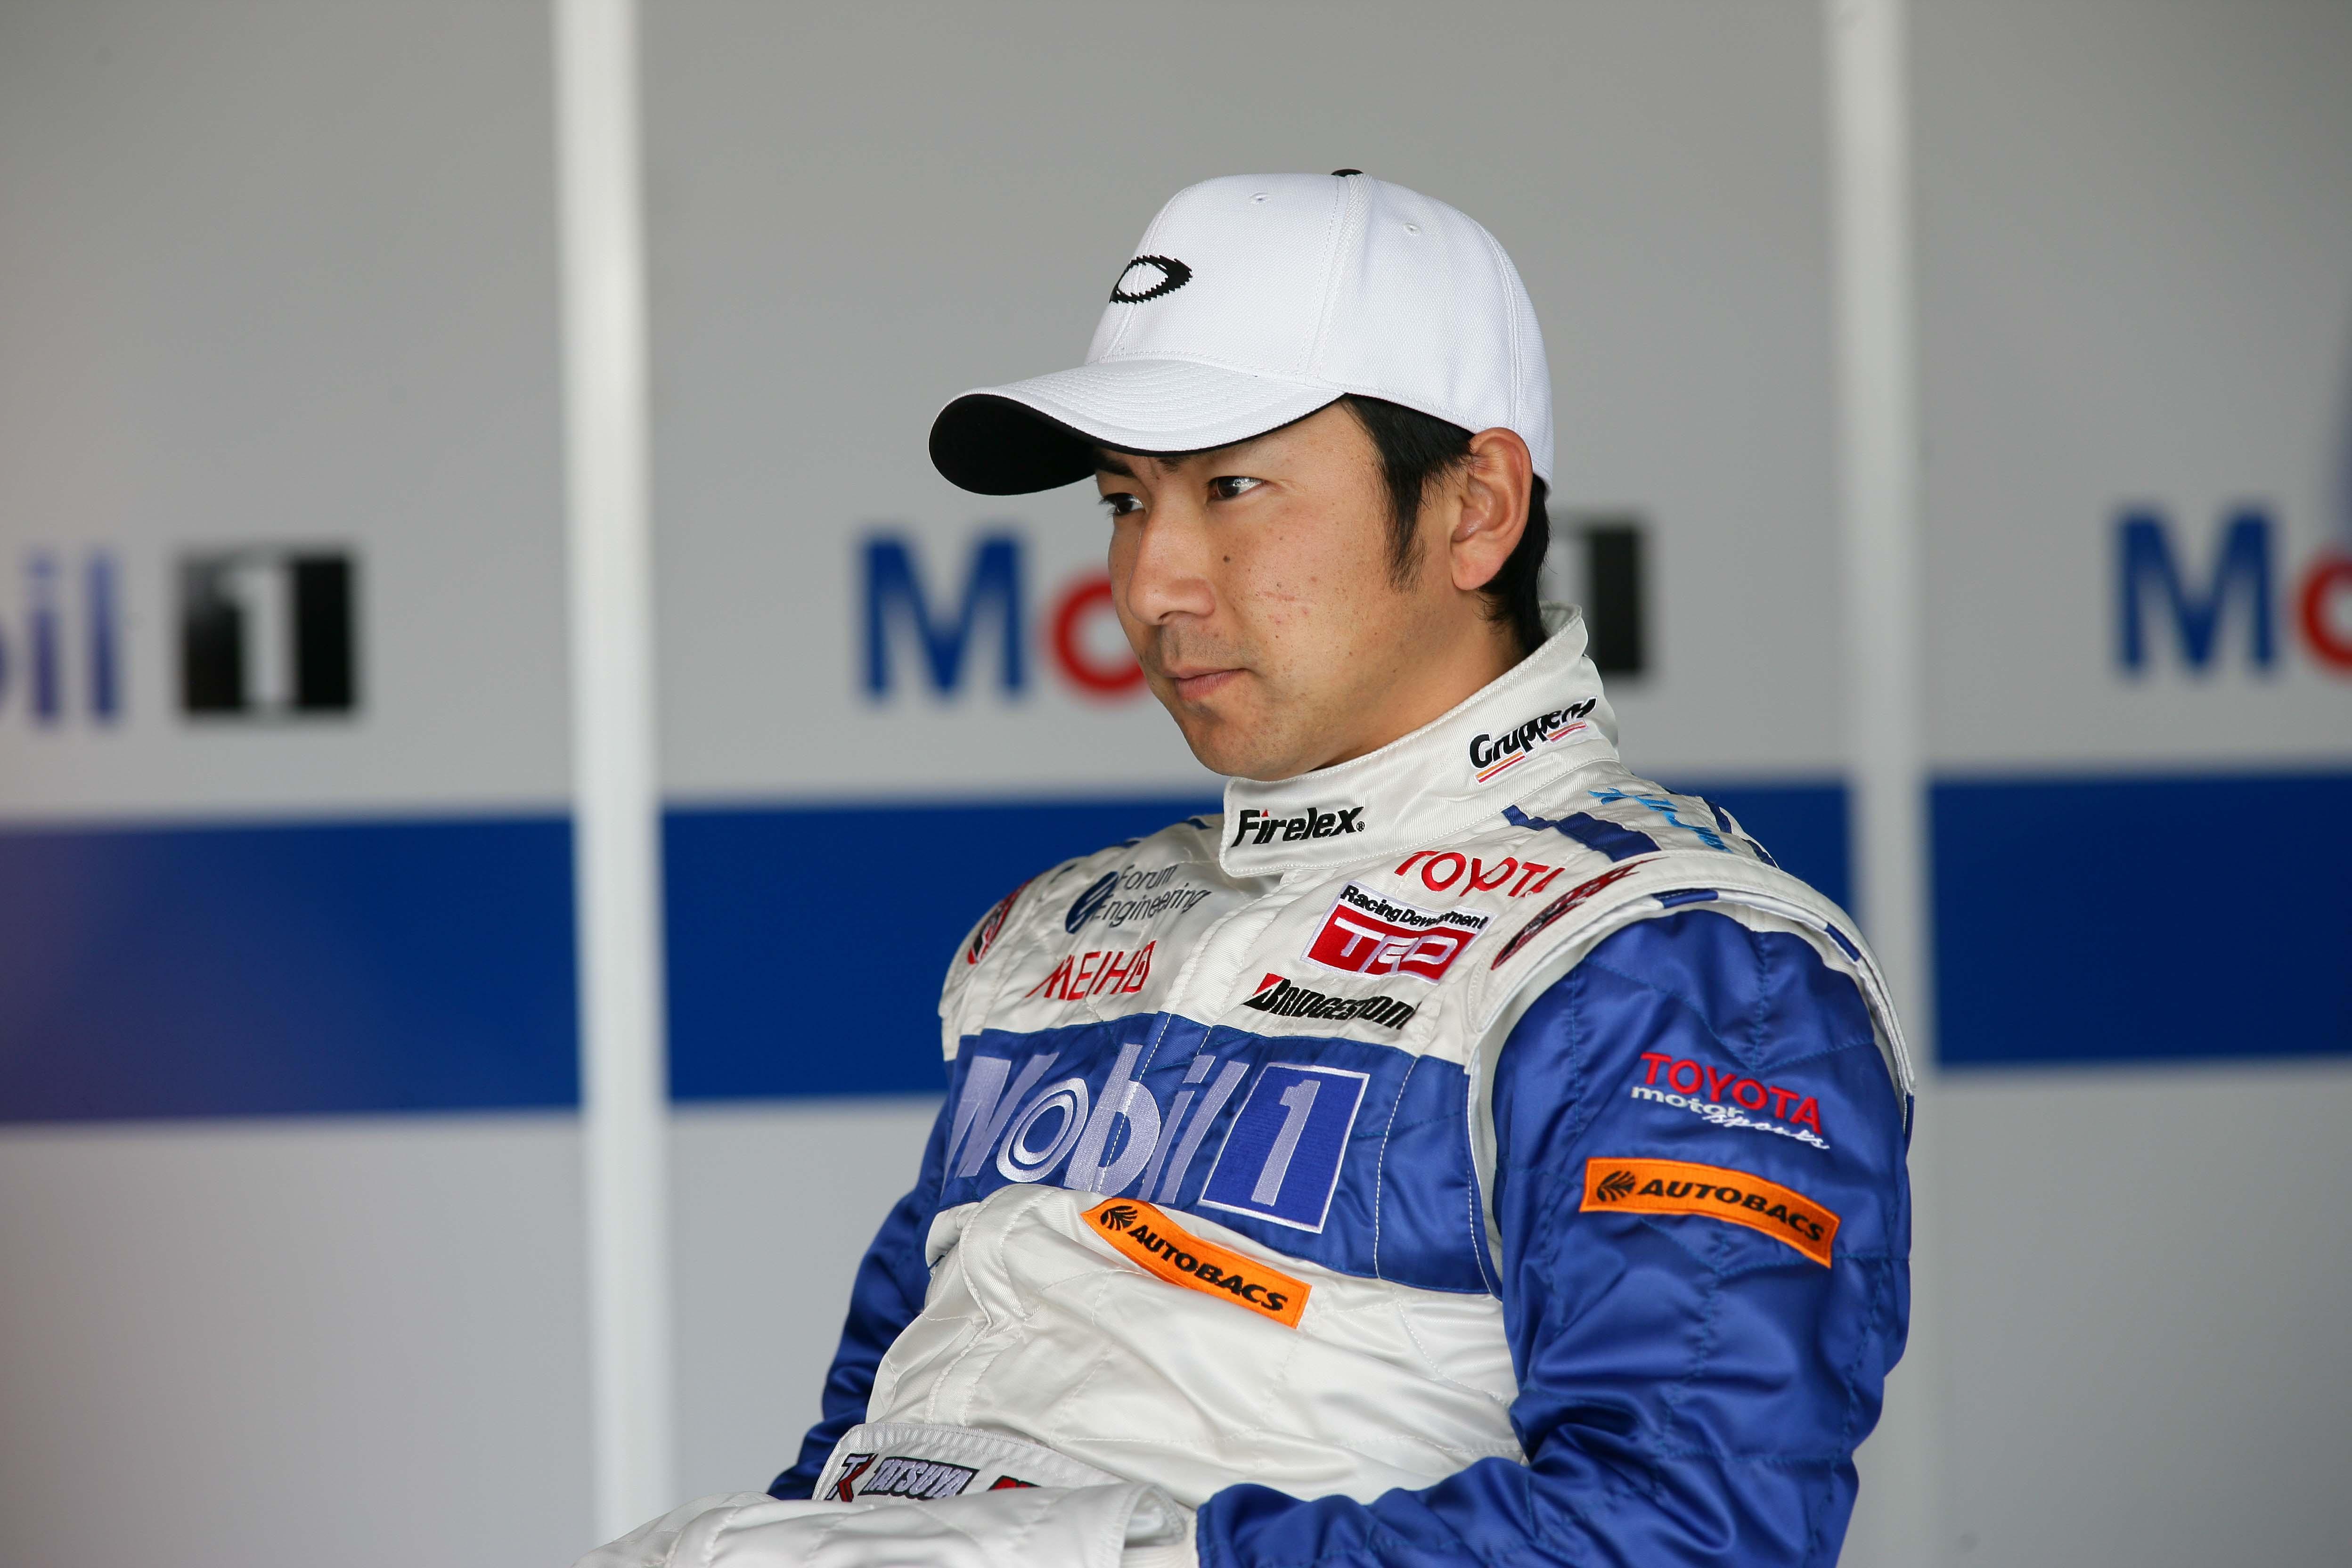 レーシングドライバー:片岡龍也①